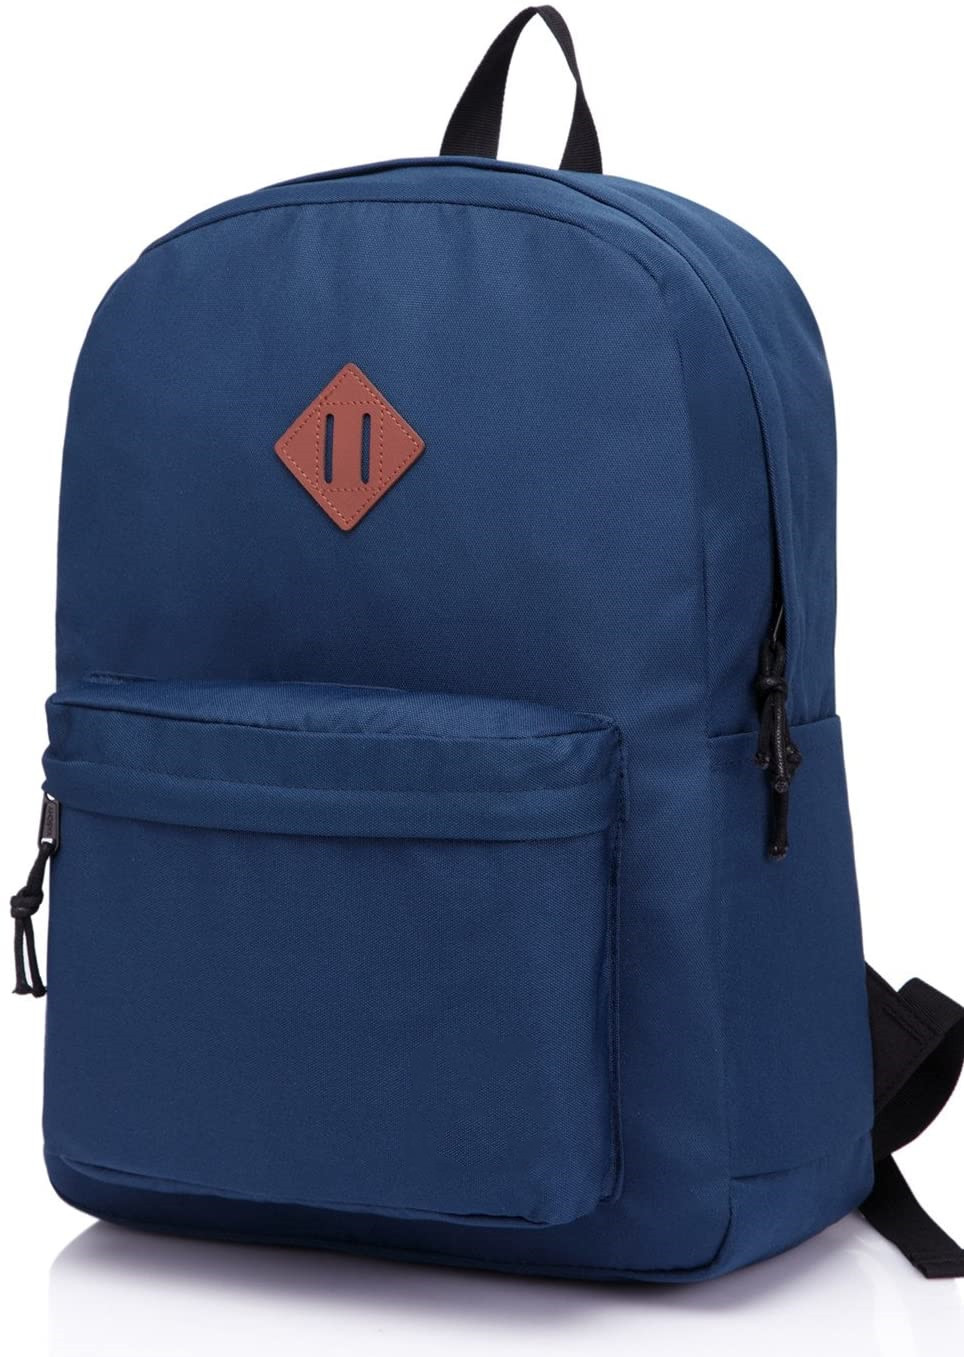 waterproof school backpacks